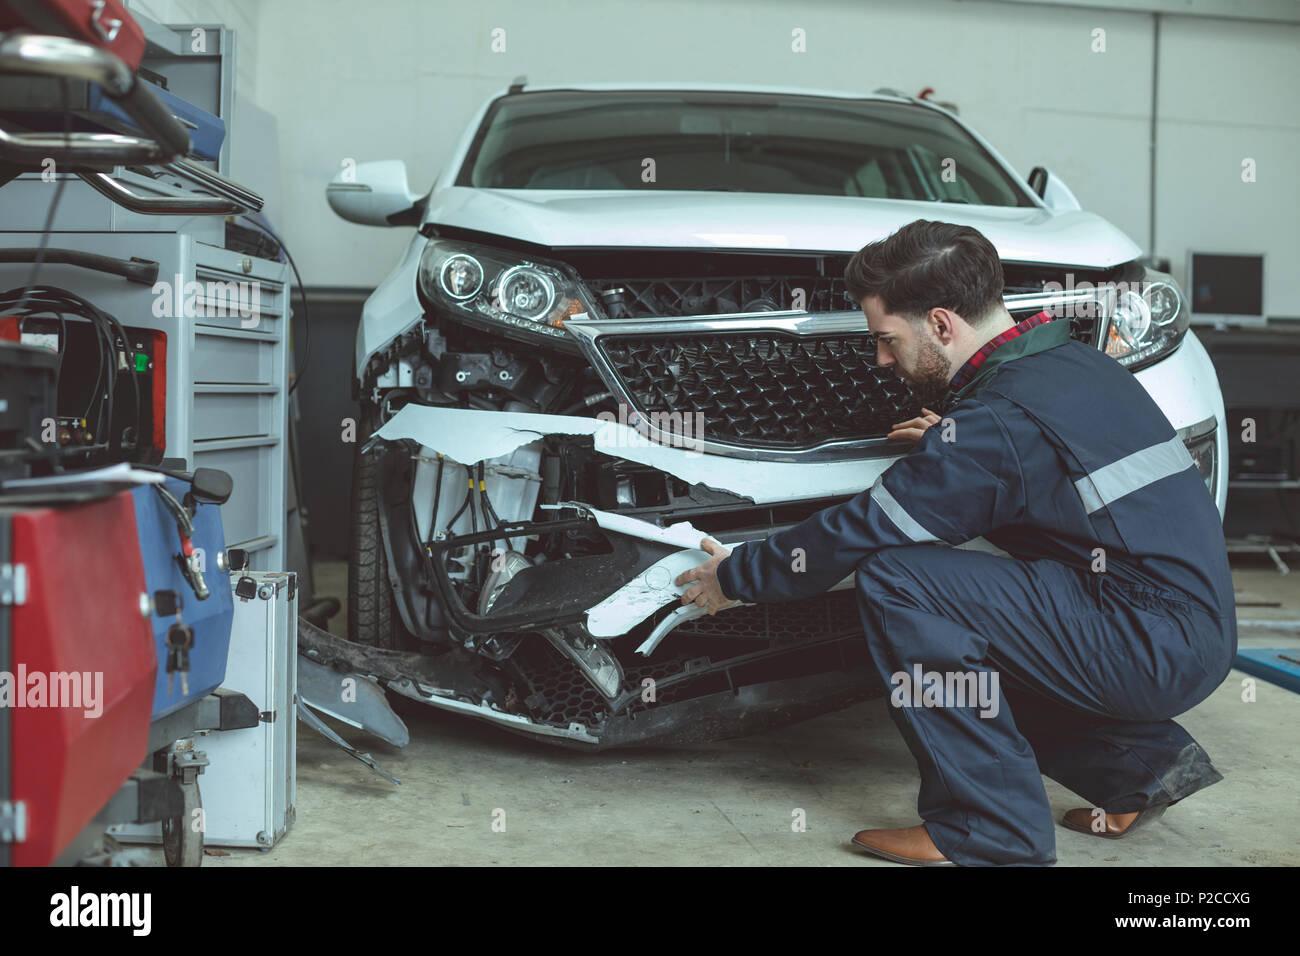 Mechanic examining damaged car - Stock Image